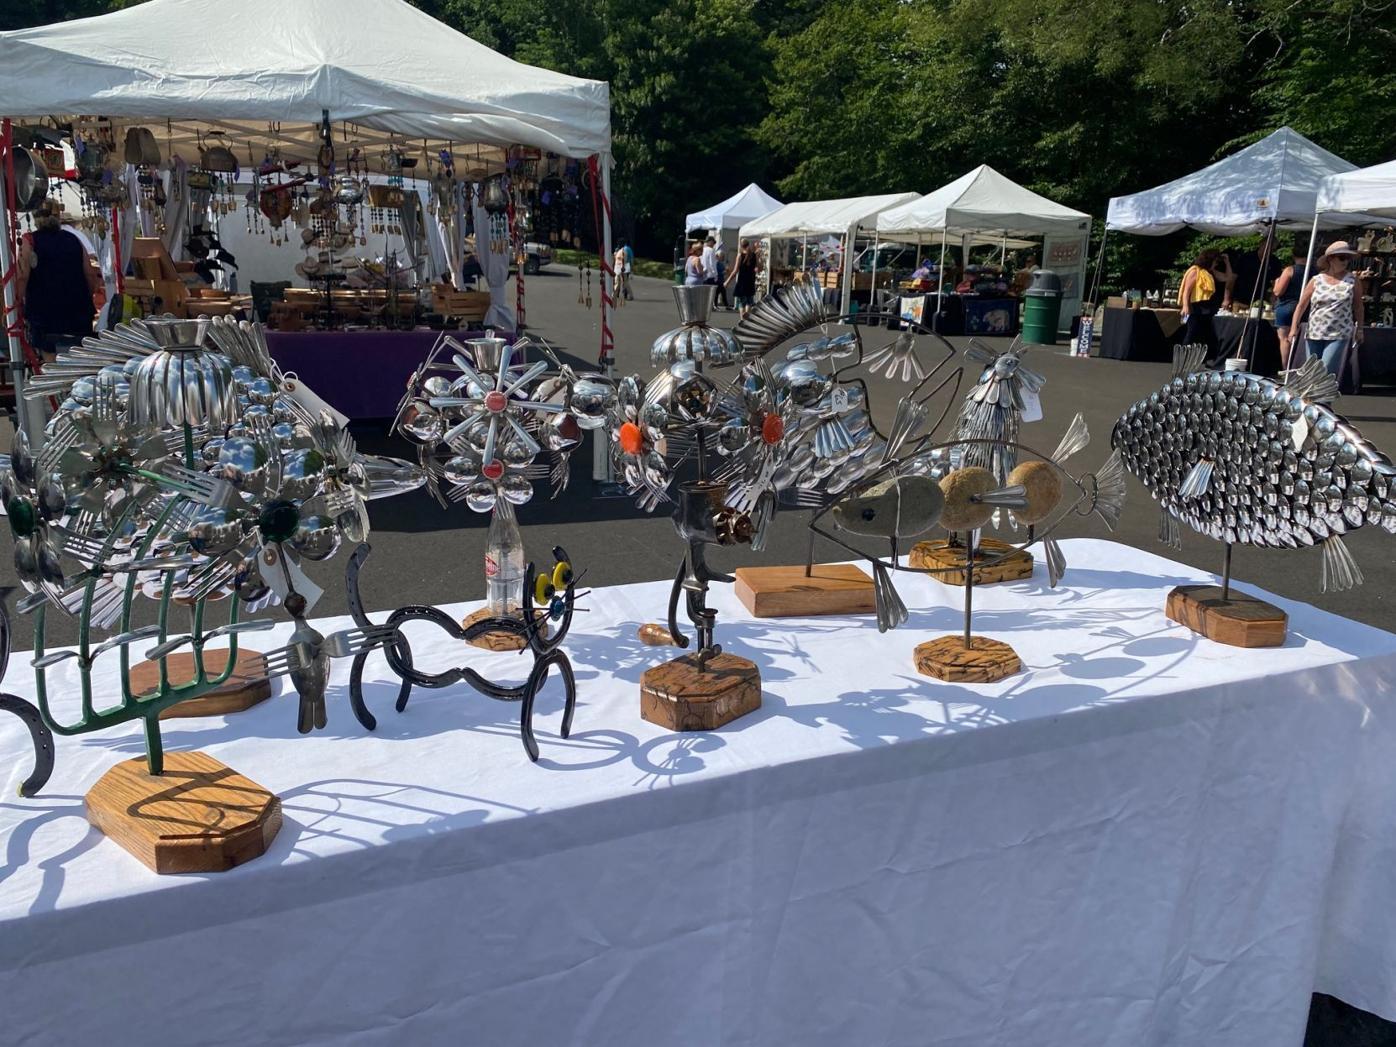 sculptures of metal